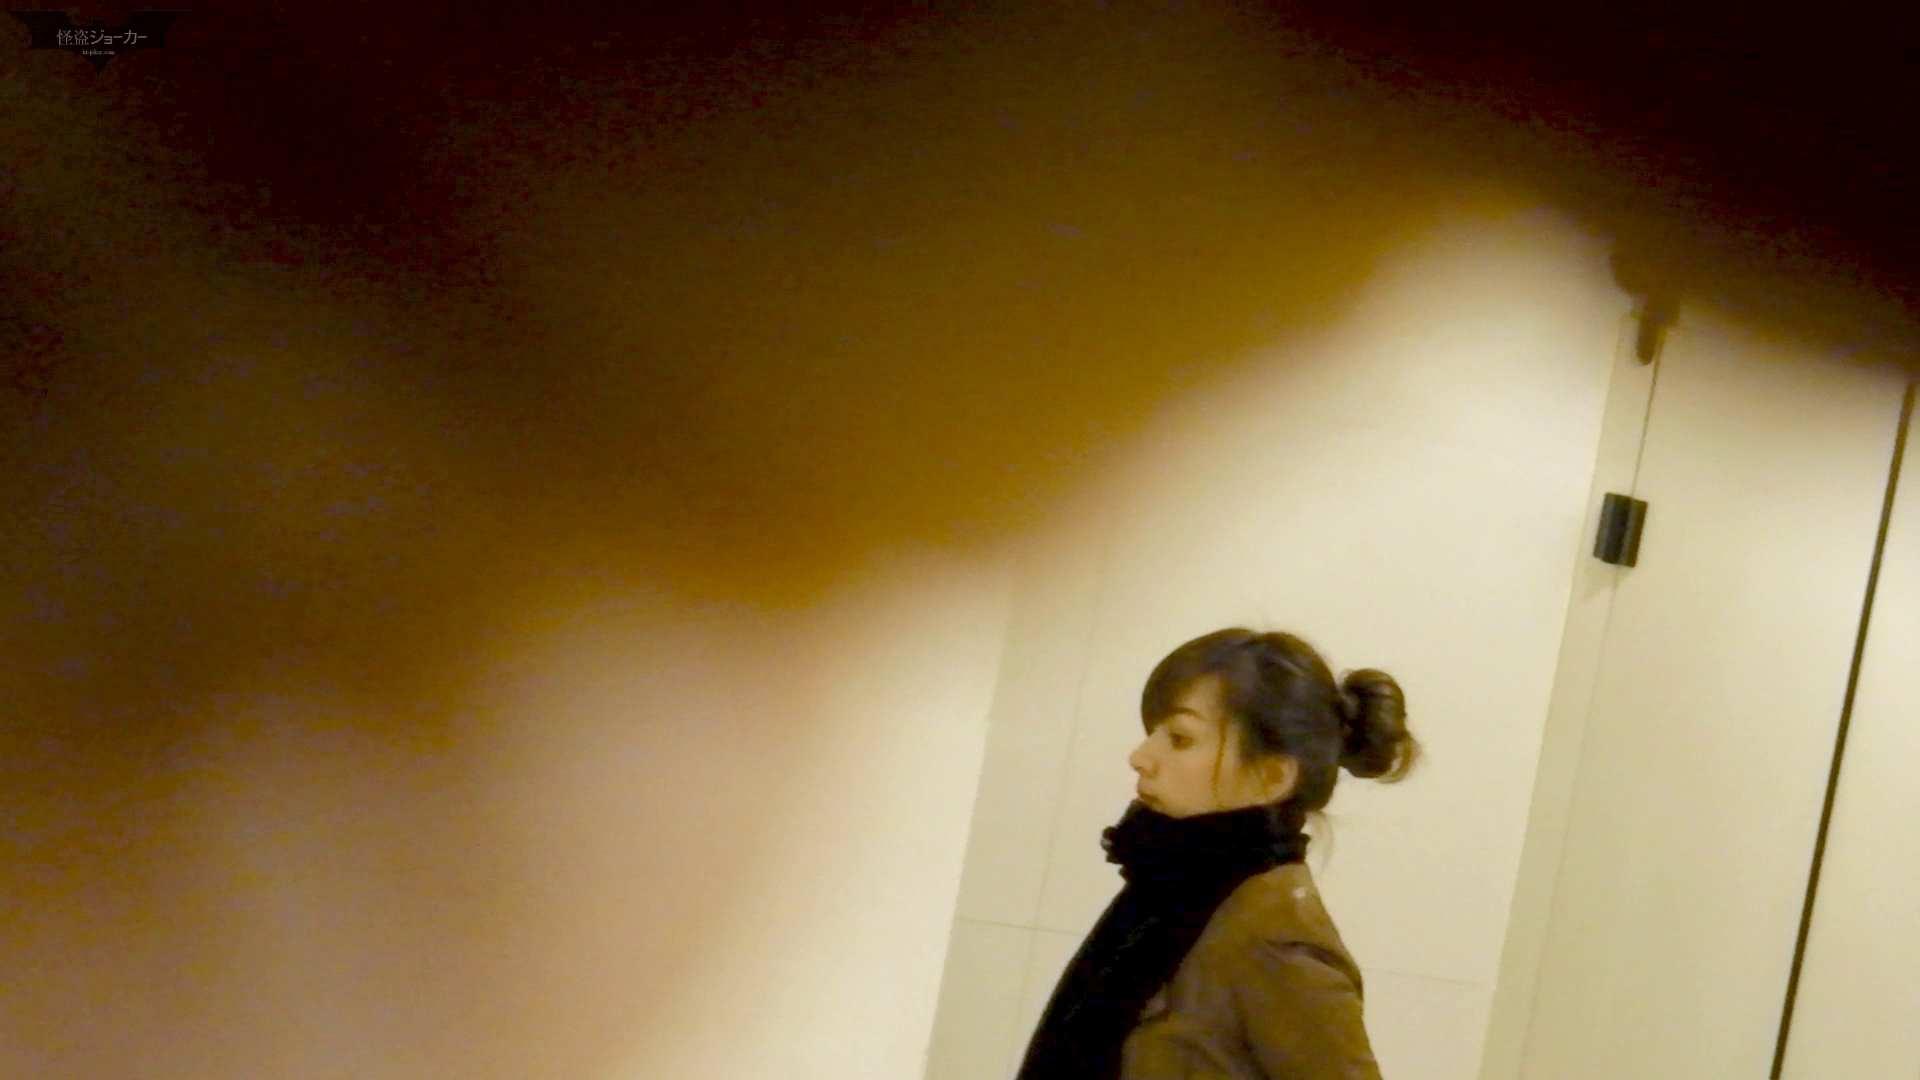 新世界の射窓 No66 一か月ぶりの復活,値下げ宣言!! ギャルズ  104画像 24